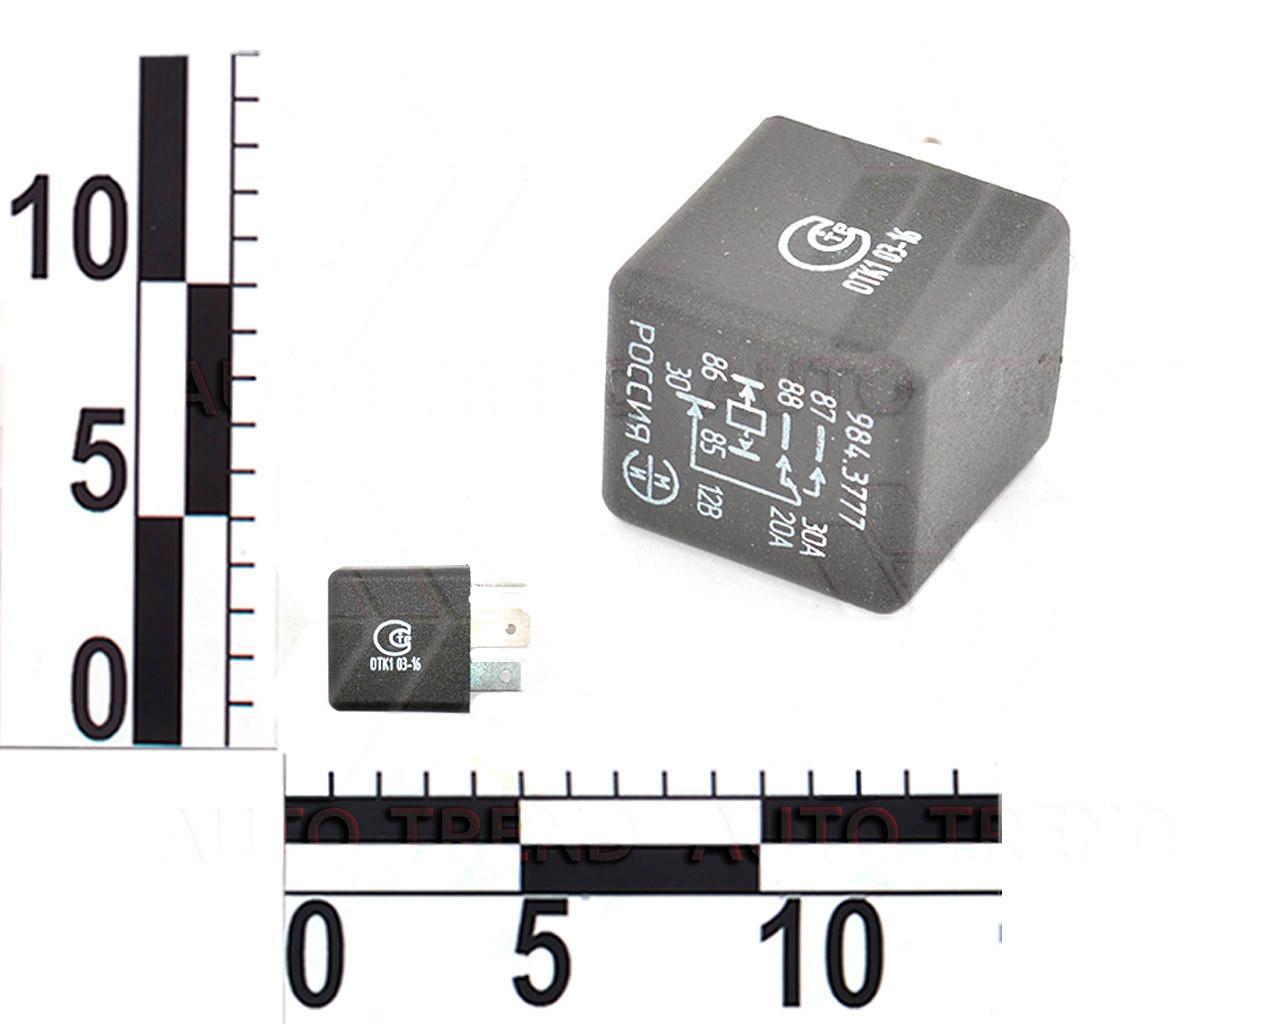 Реле 5 контактное 12В 30/20А, без кронштейна, ВАЗ, ГАЗ 3302, Газель (ЭМИ). 984.3777